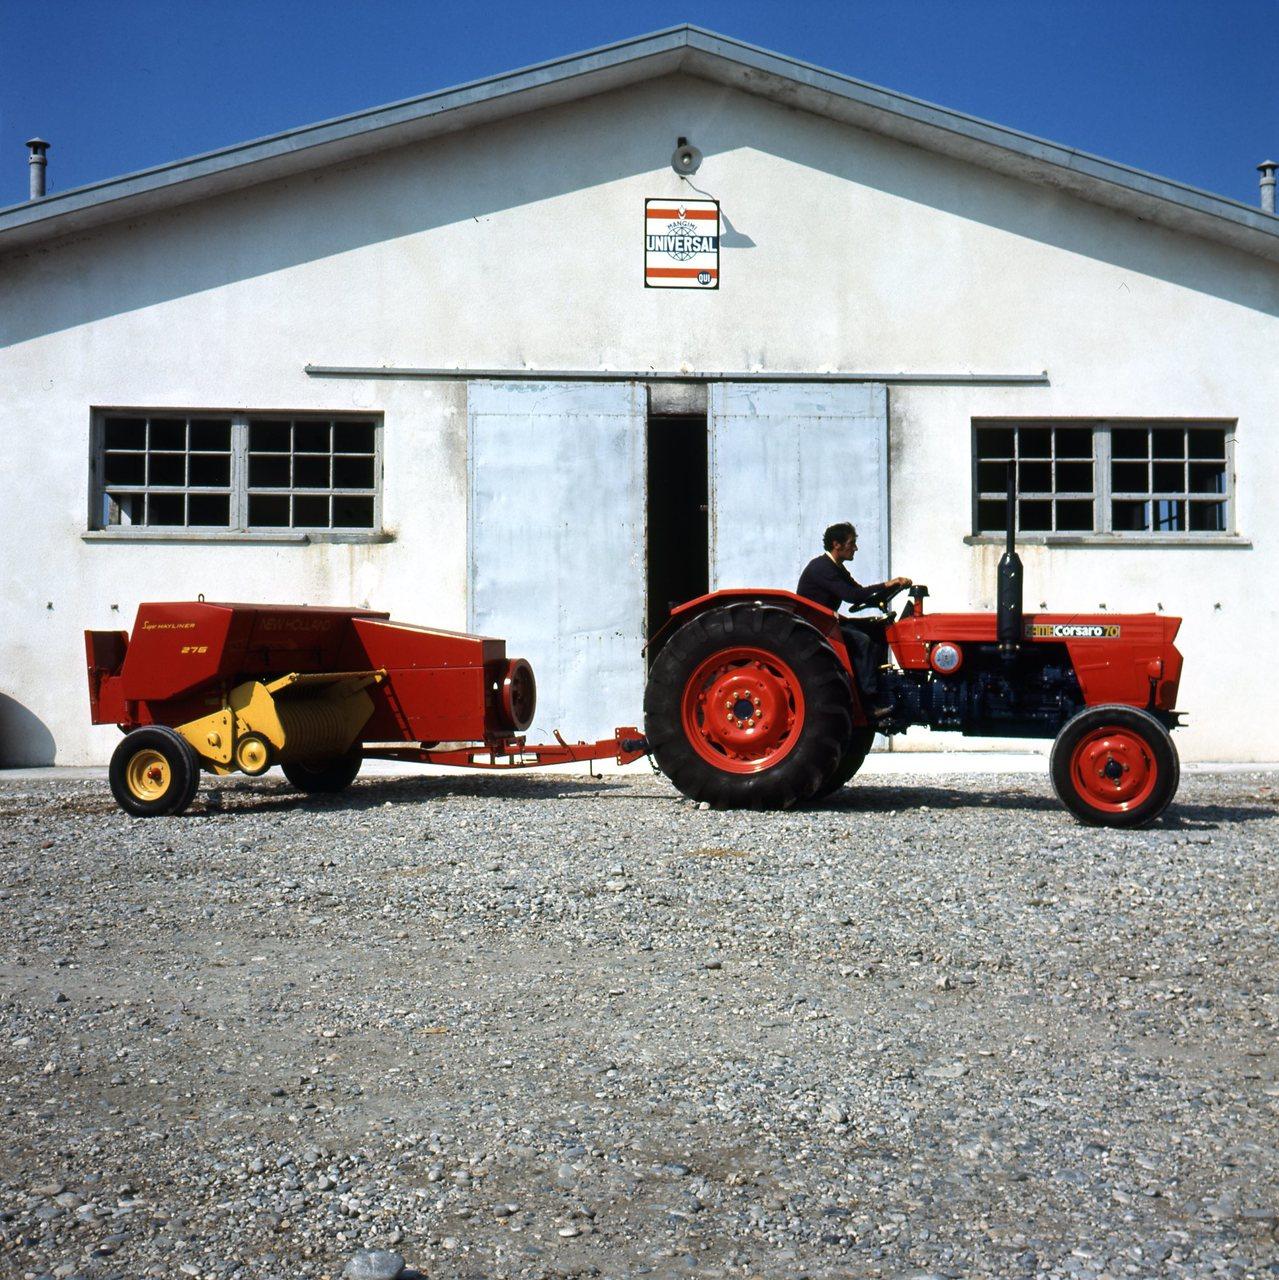 [SAME] trattore Corsaro 70 con pressa rettangolare